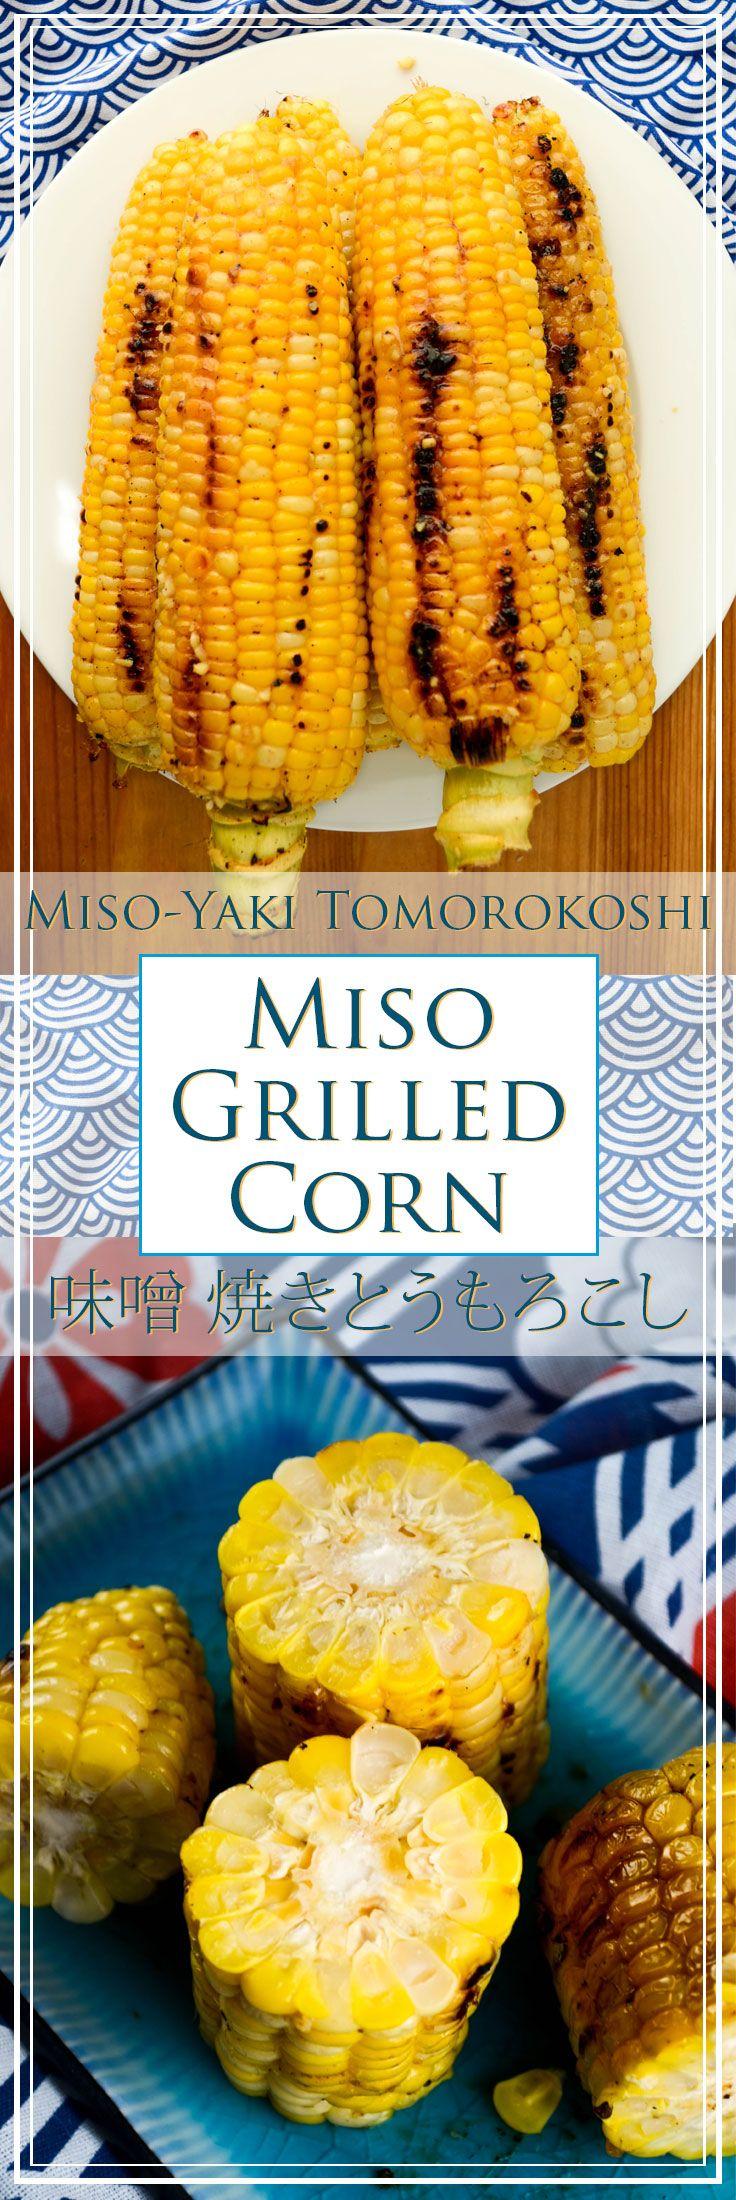 Miso Grilled Corn (Miso-yaki Tomorokoshi) with butter, miso, and shio koji.